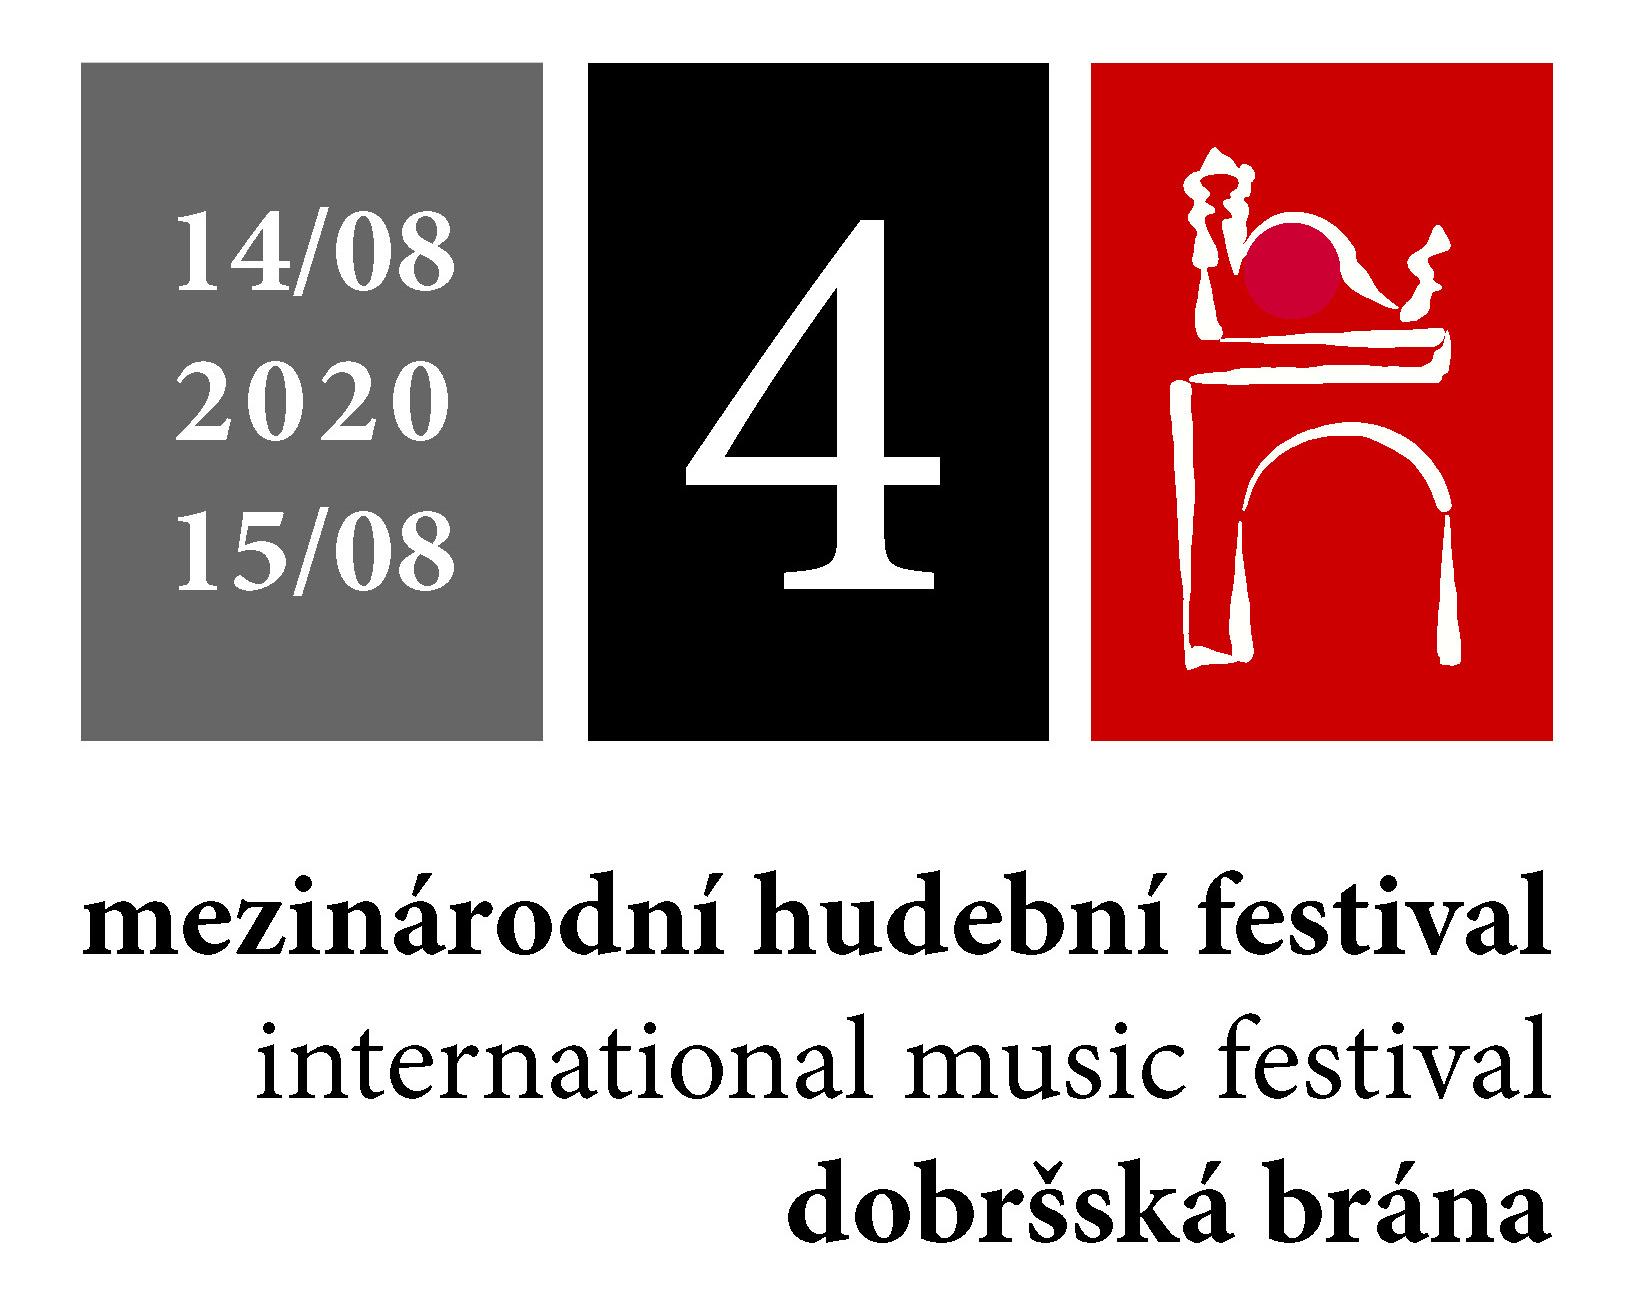 Festival Dobršská brána 2020